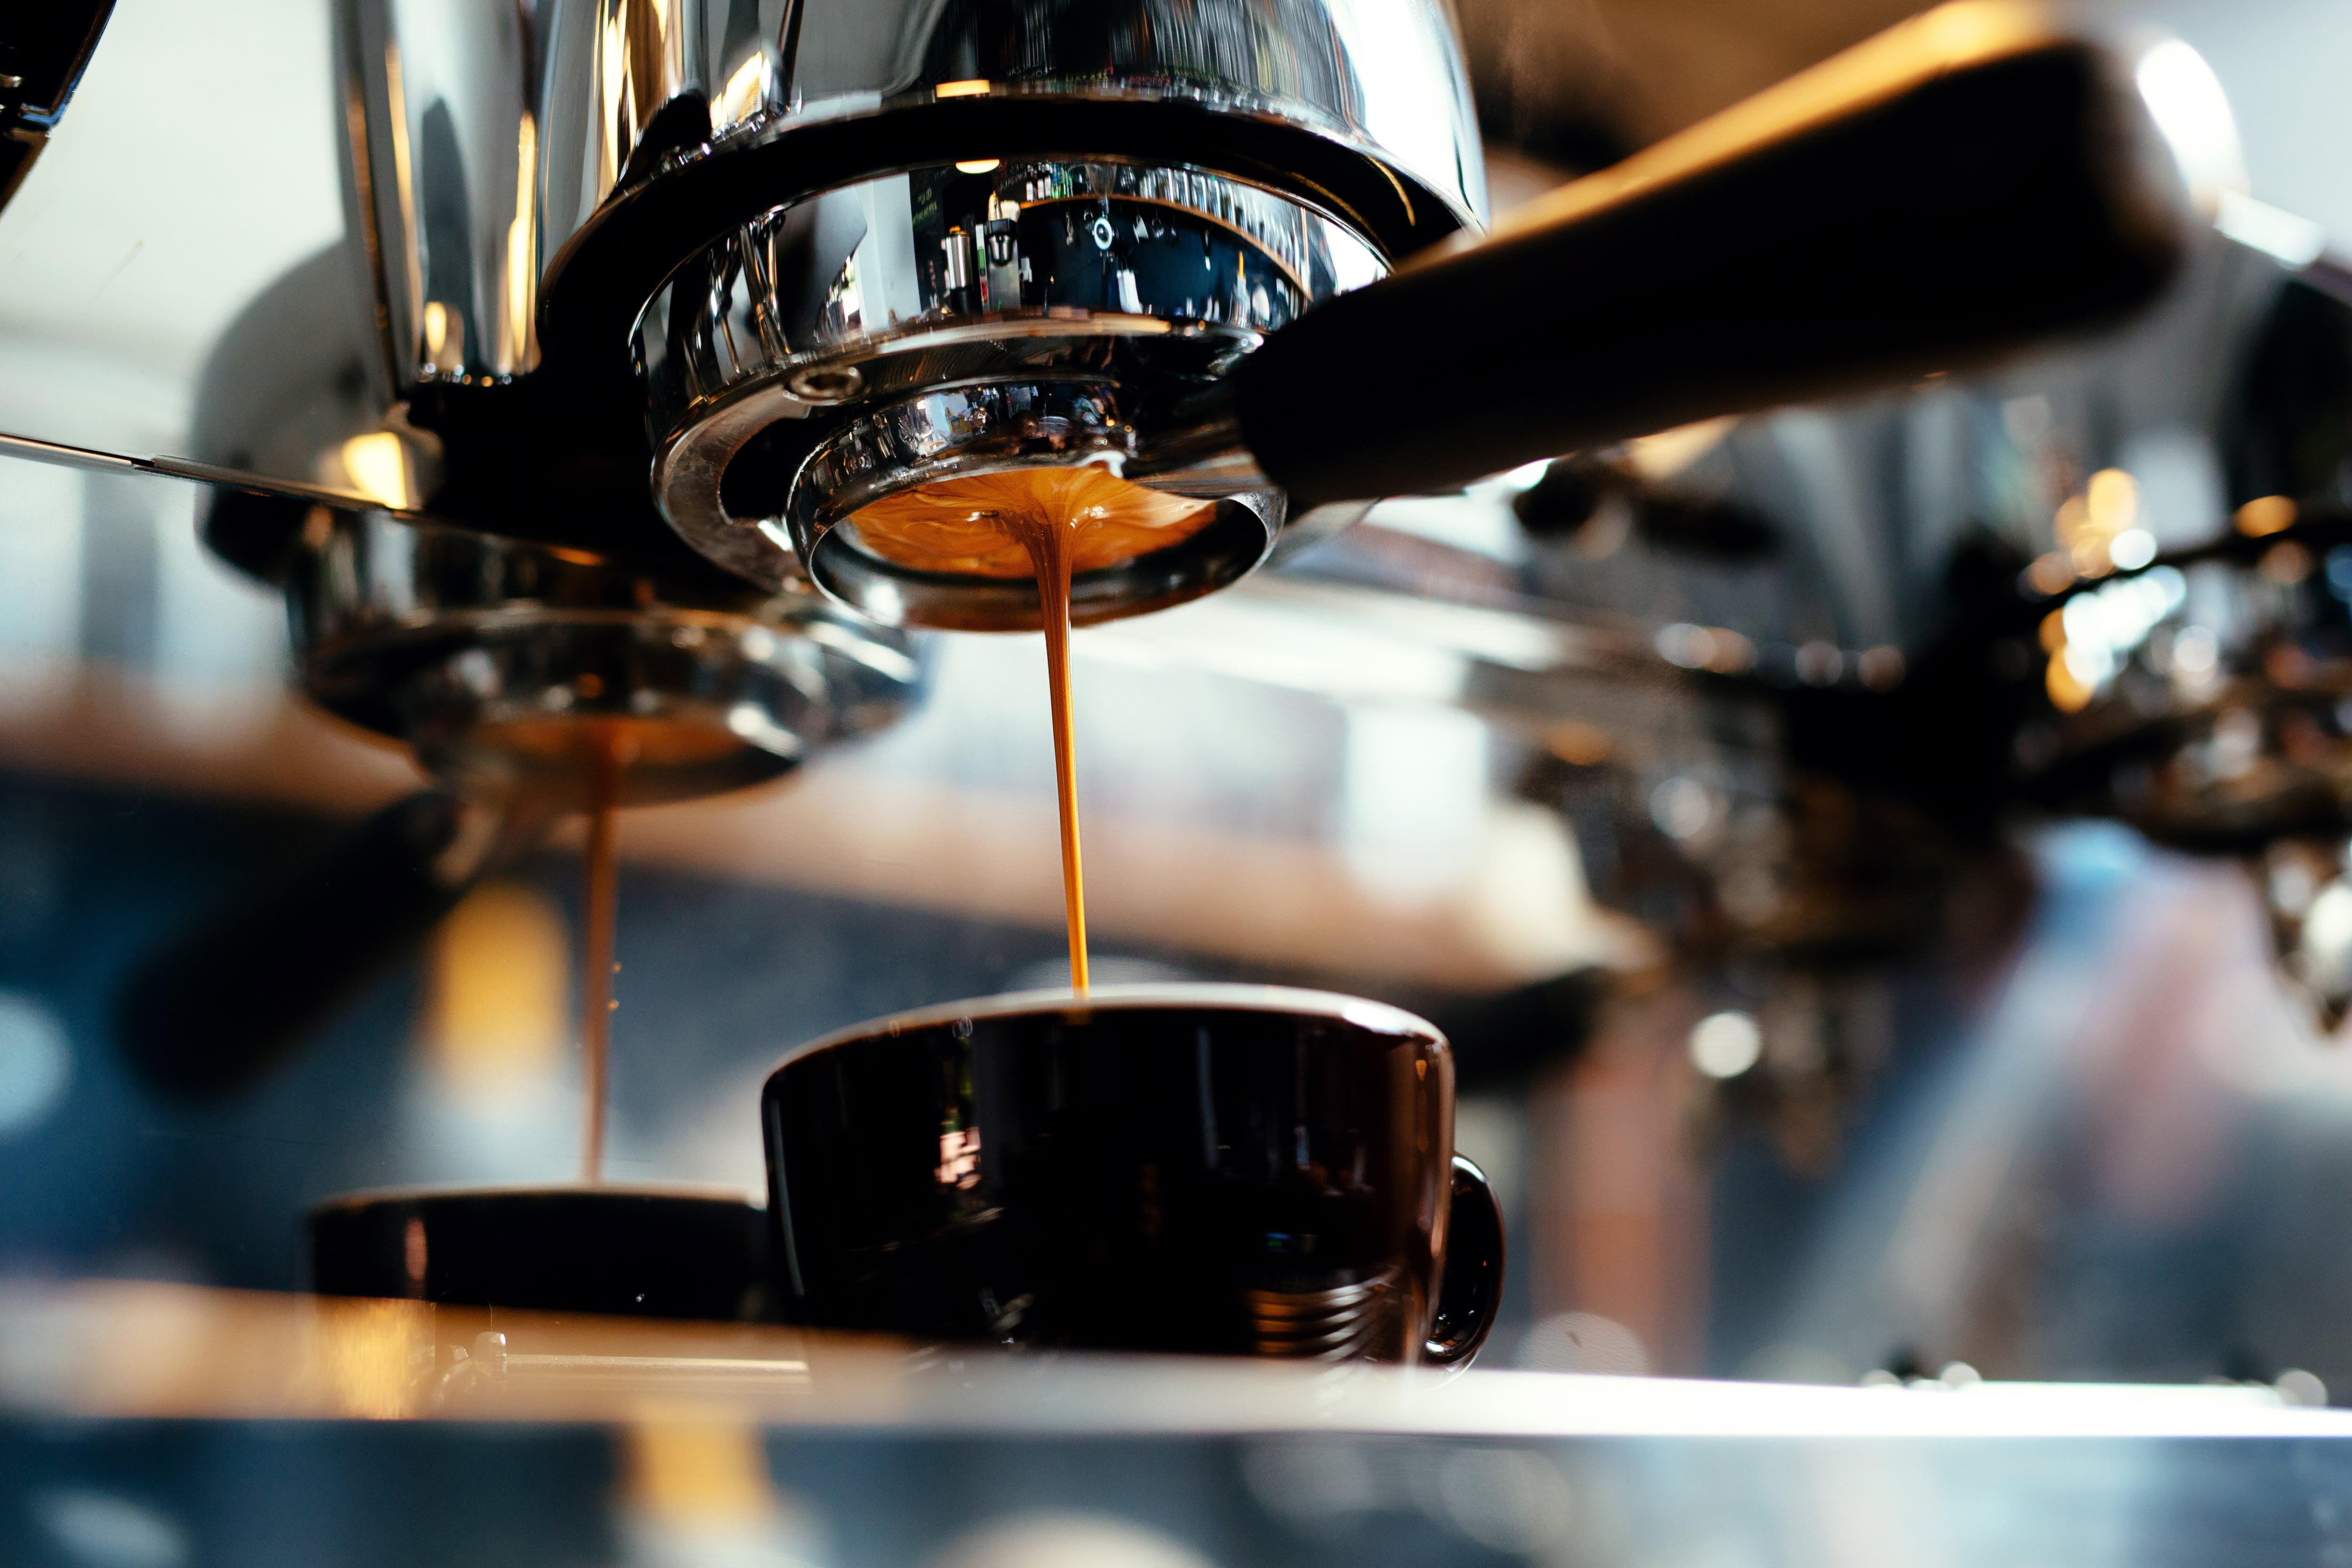 eau filtrée pour mon café